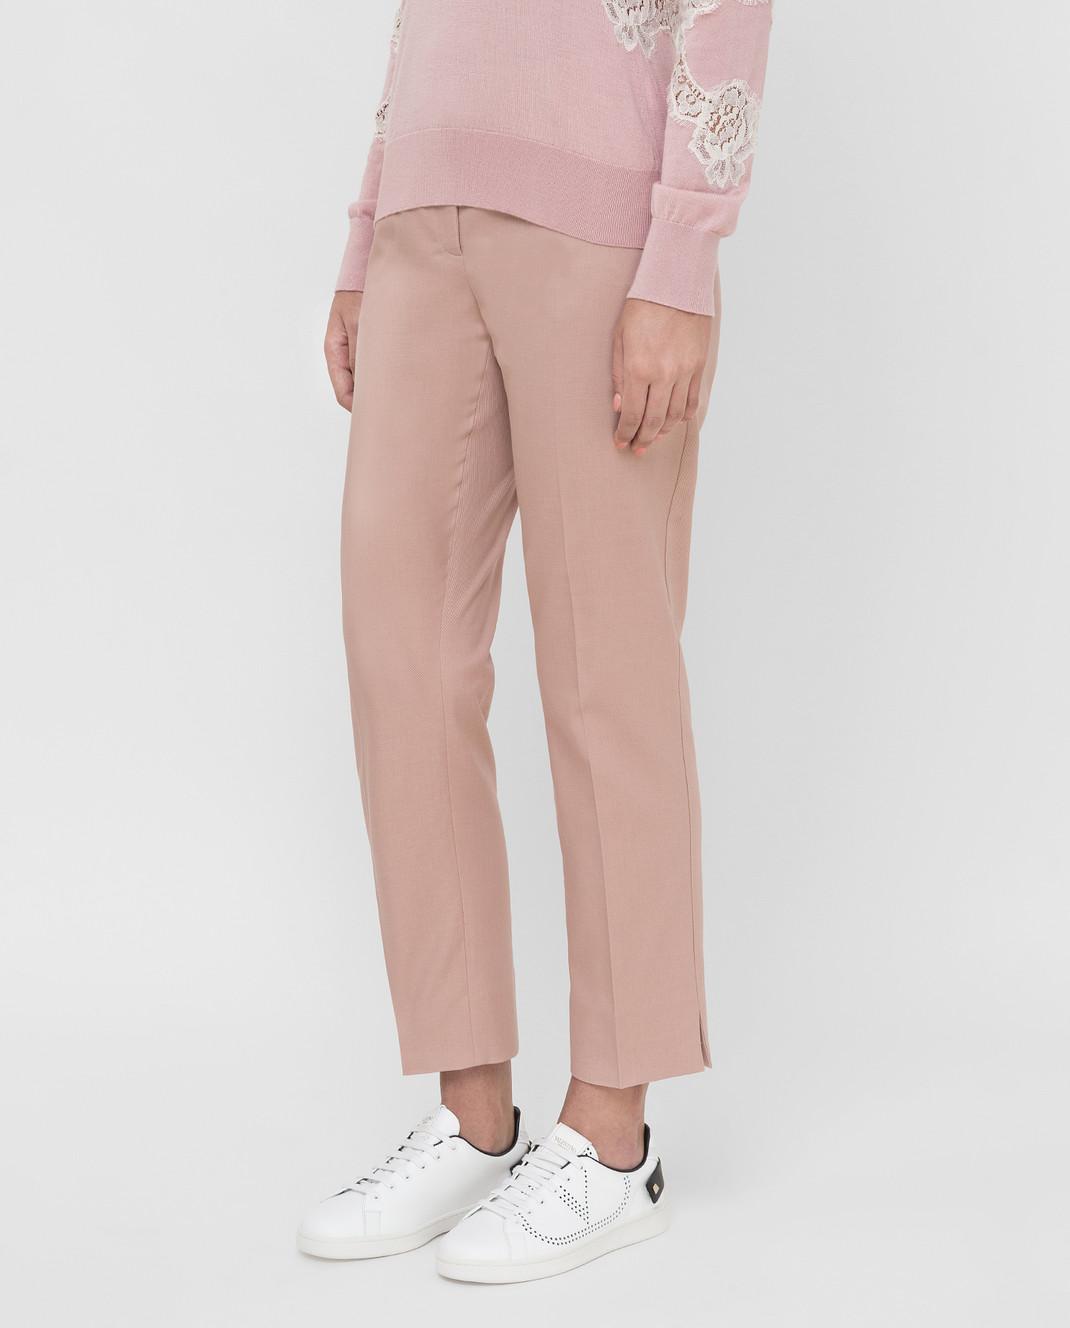 Dolce&Gabbana Розовые брюки FTAGNTFUFGD изображение 3